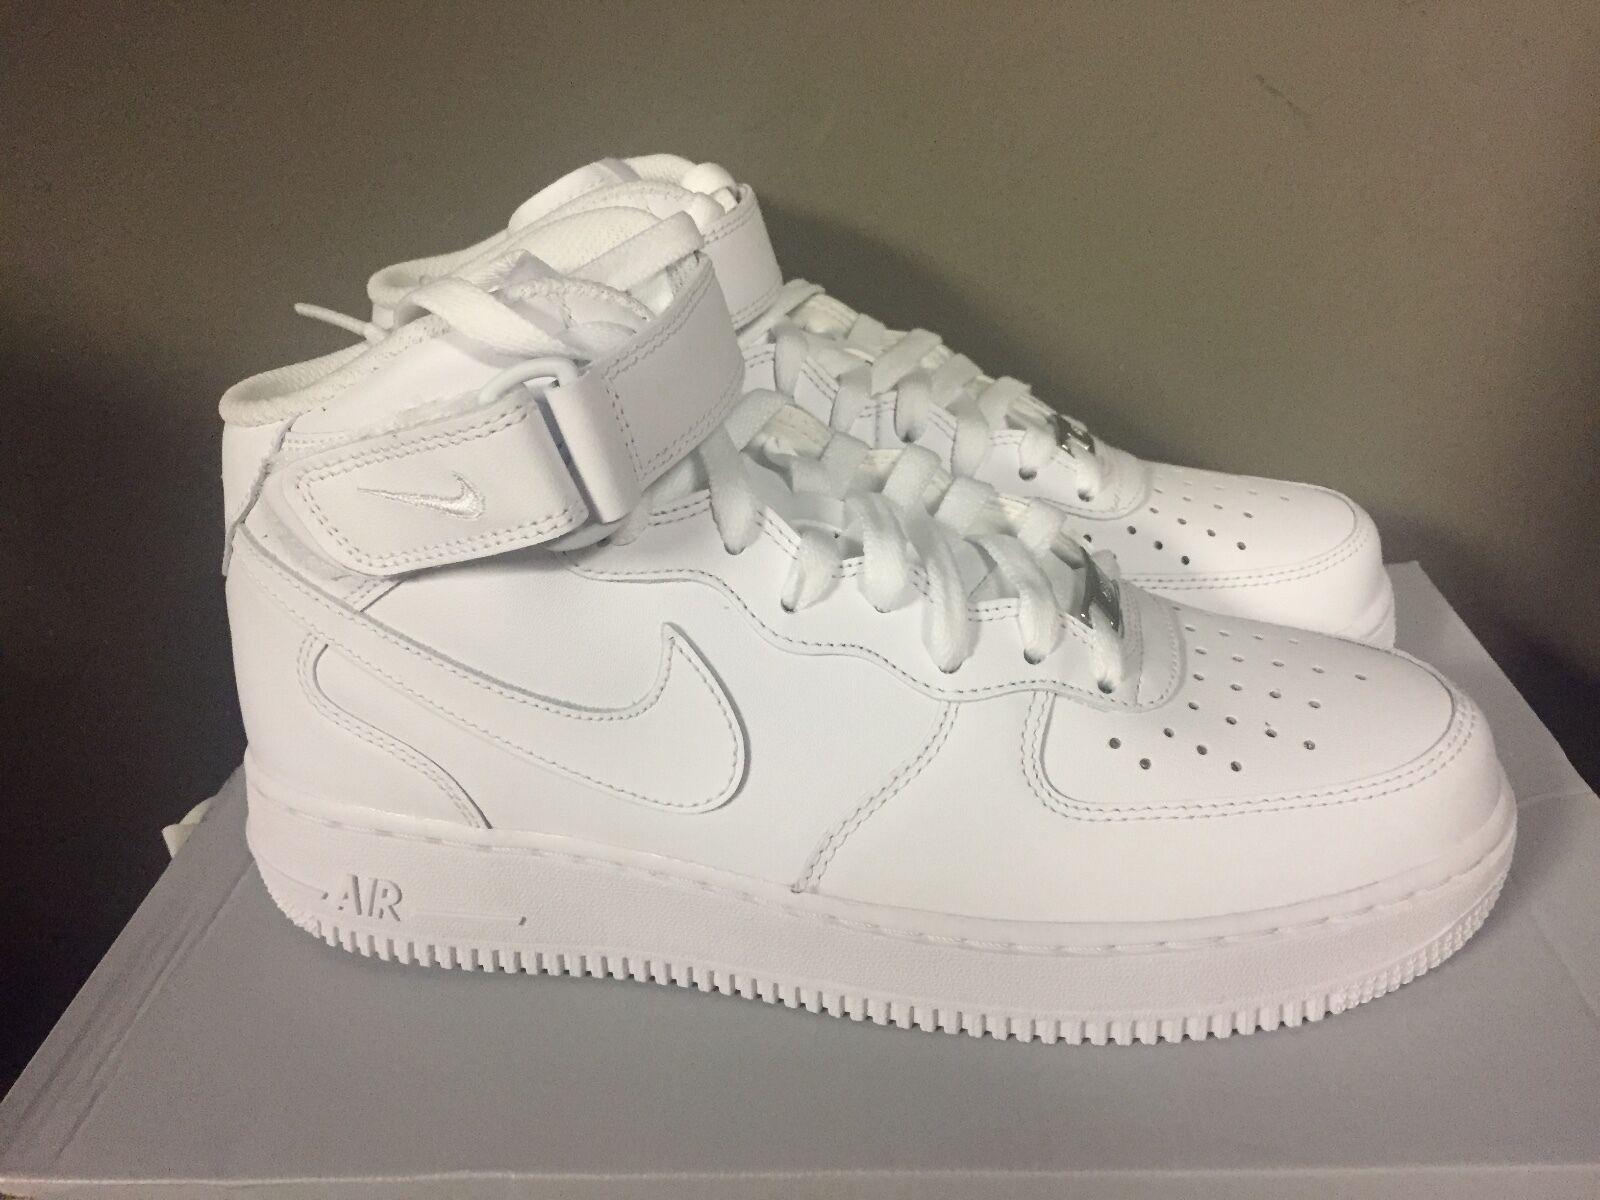 Nike uomo air force 1 met 2007 scarpe da uomo Nike bianco / bianco 315123-111 4c3af1